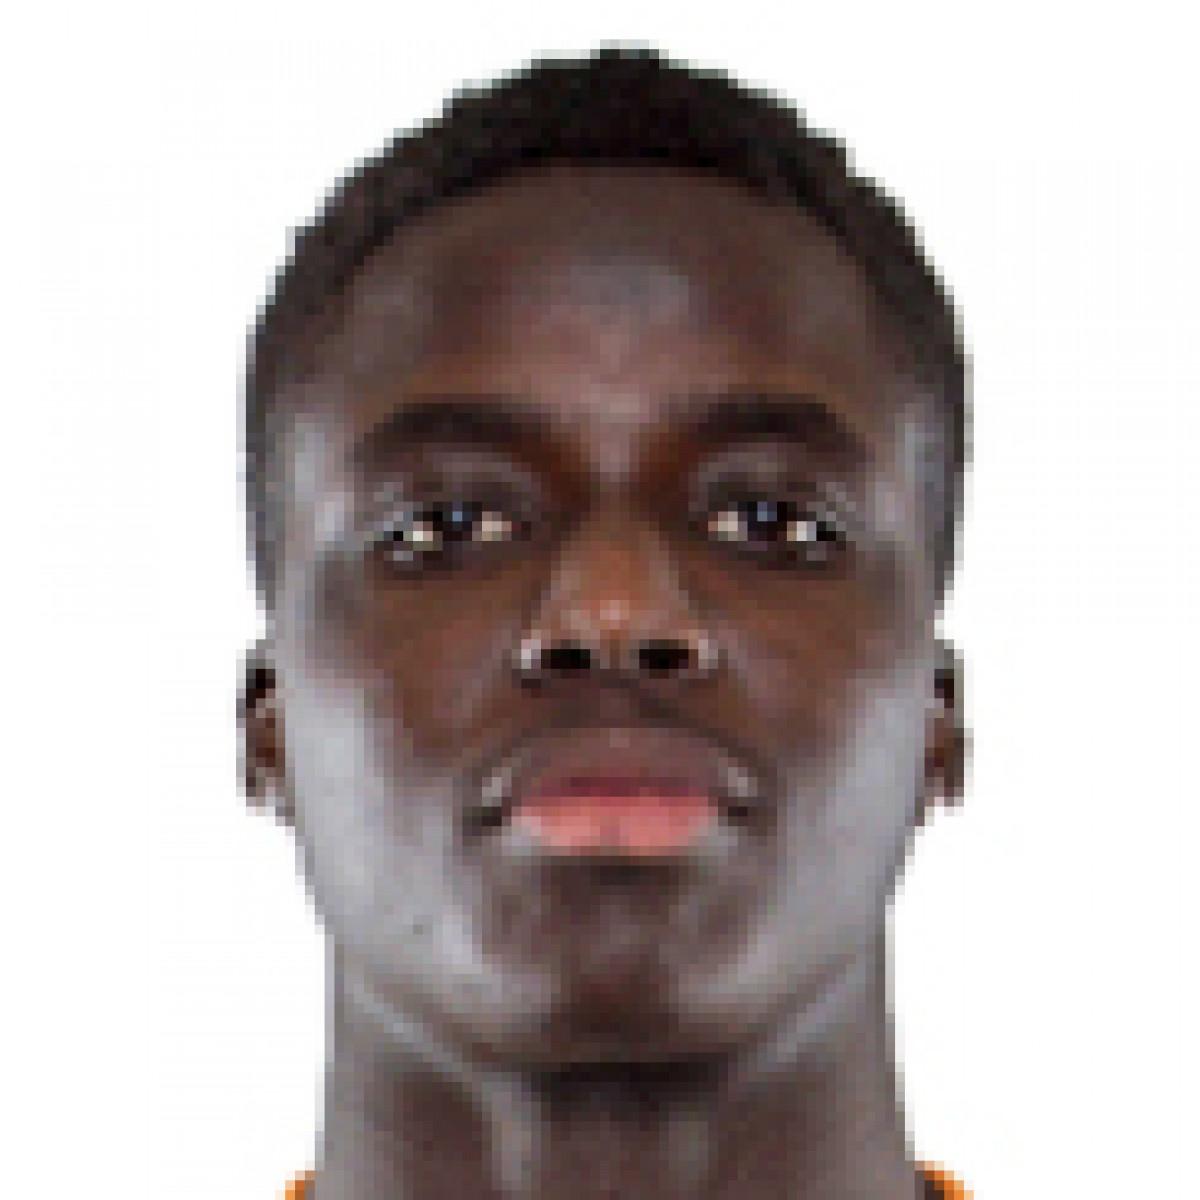 Emmanuel Womala